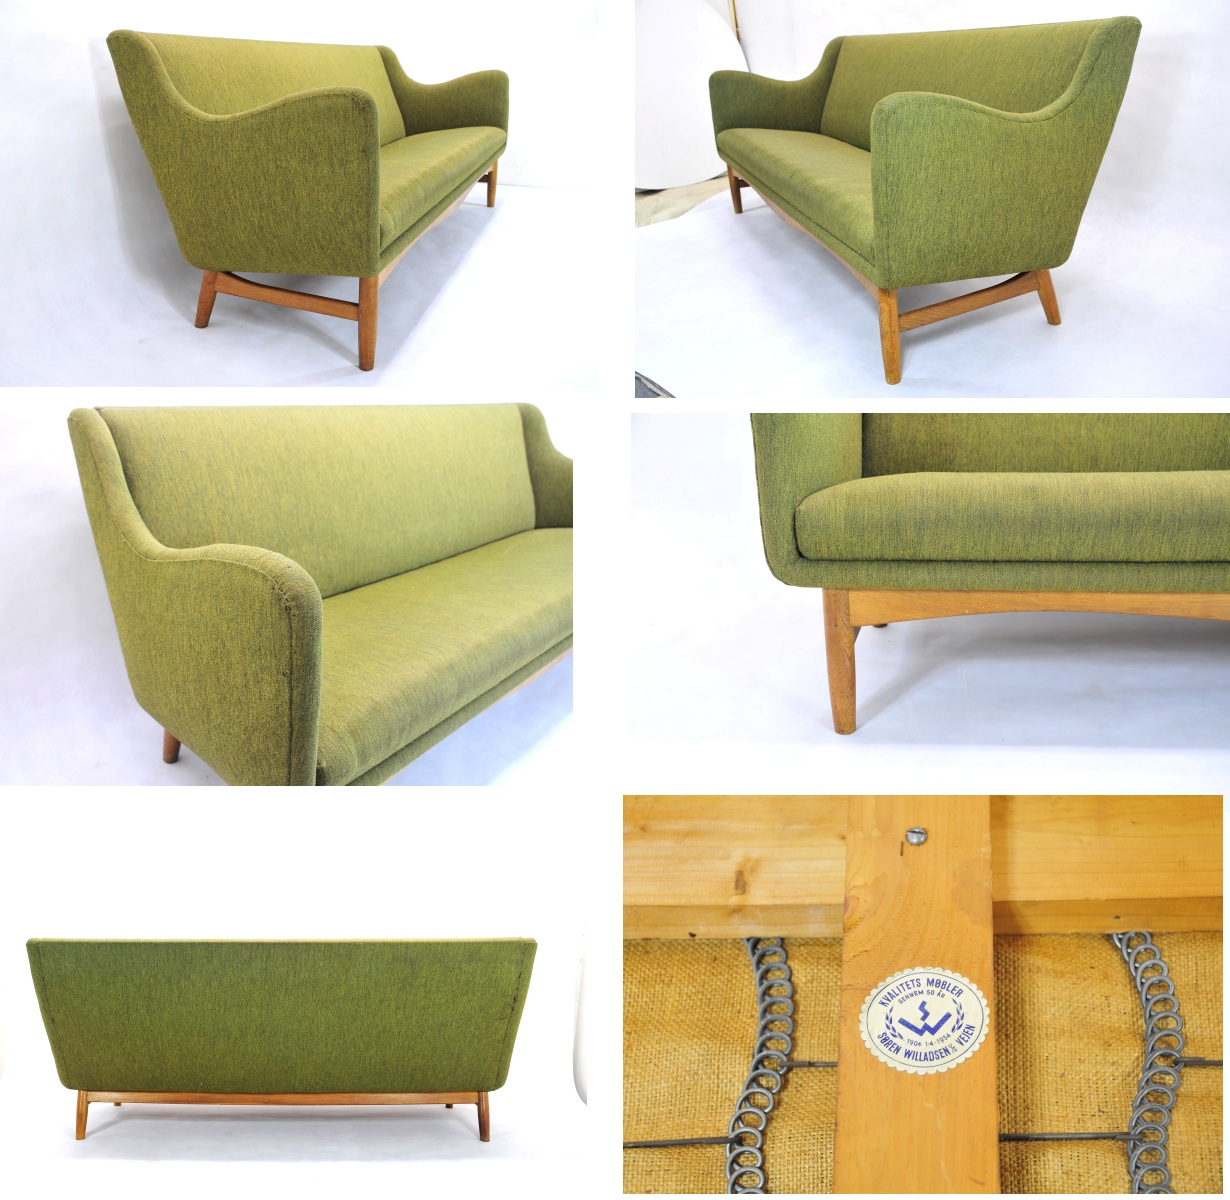 Finn juhl sofa 1954 Finn Juhl